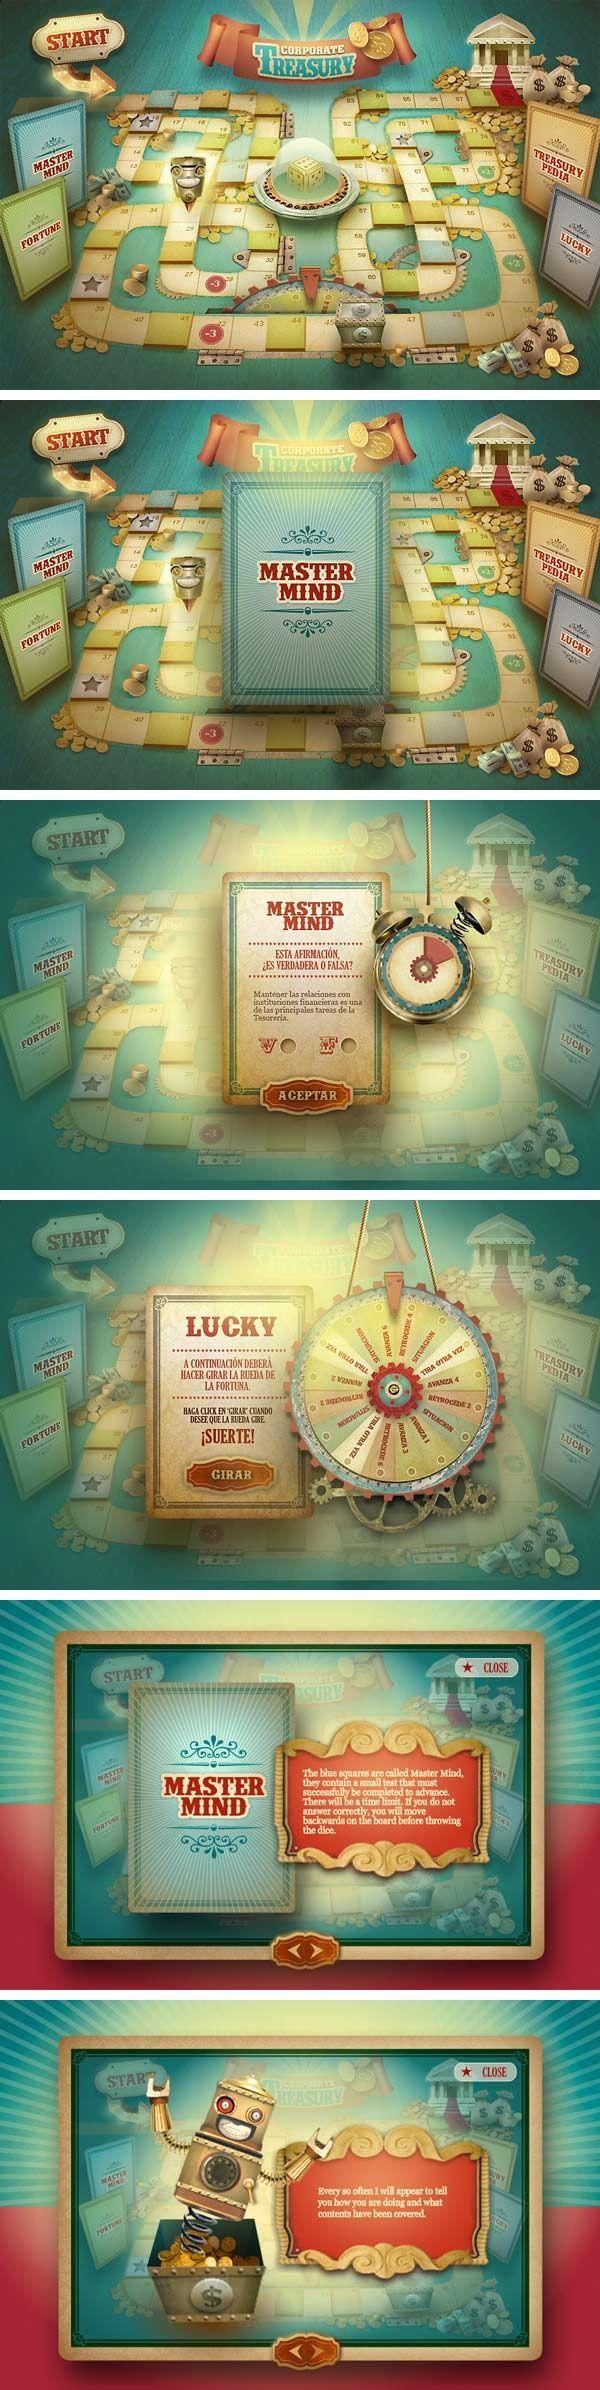 ...   Web - Game UI/UX Design